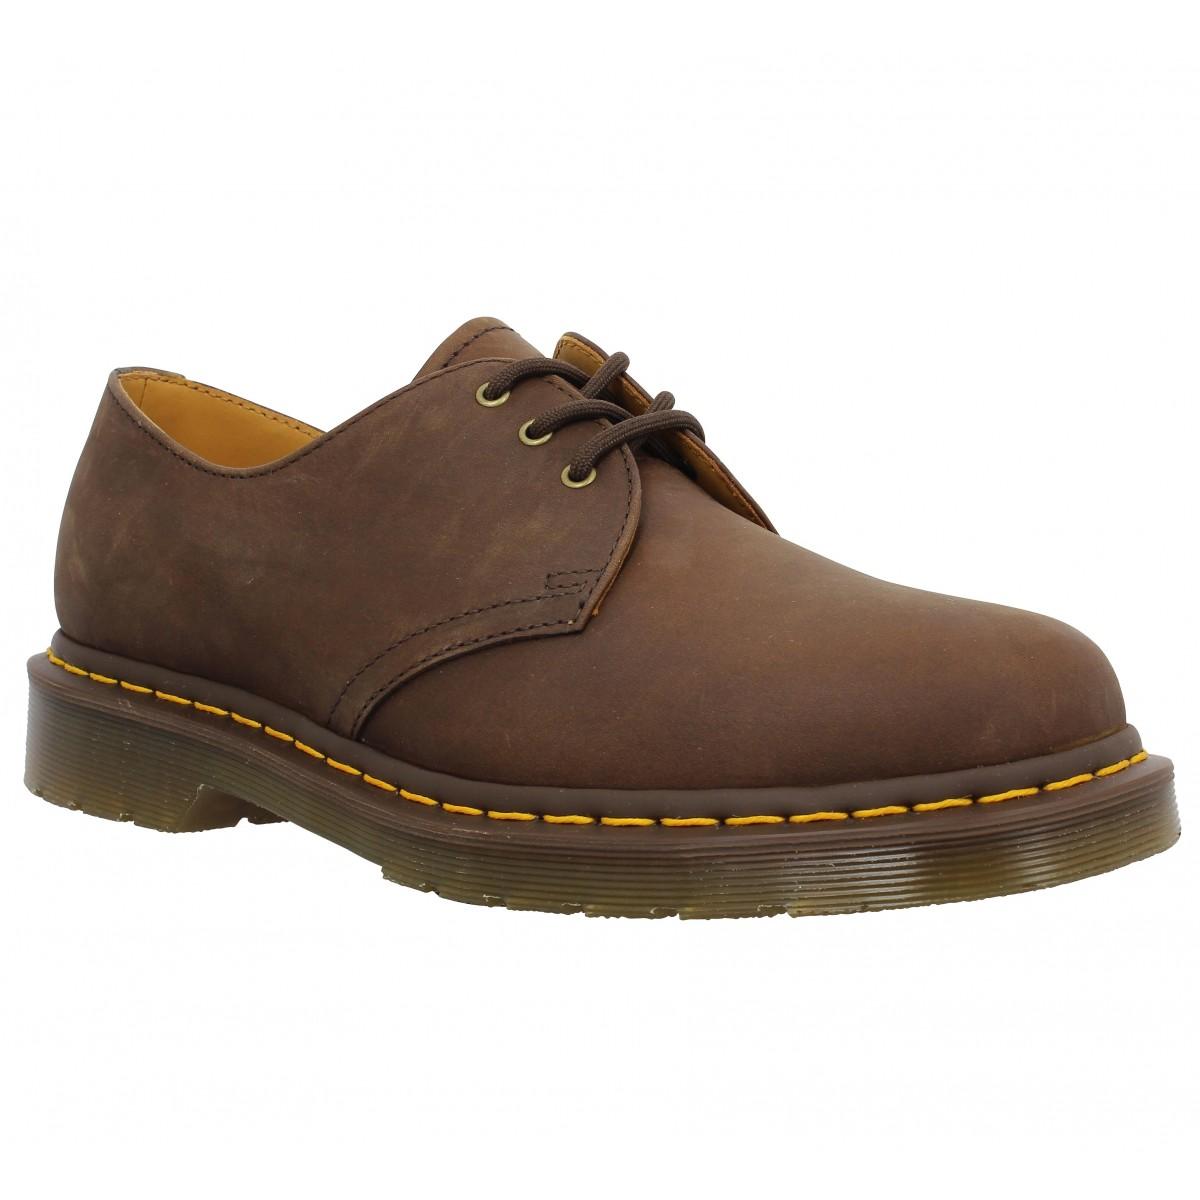 Chaussures à lacets Dr MARTENS 1461 cuir gras Homme Marron